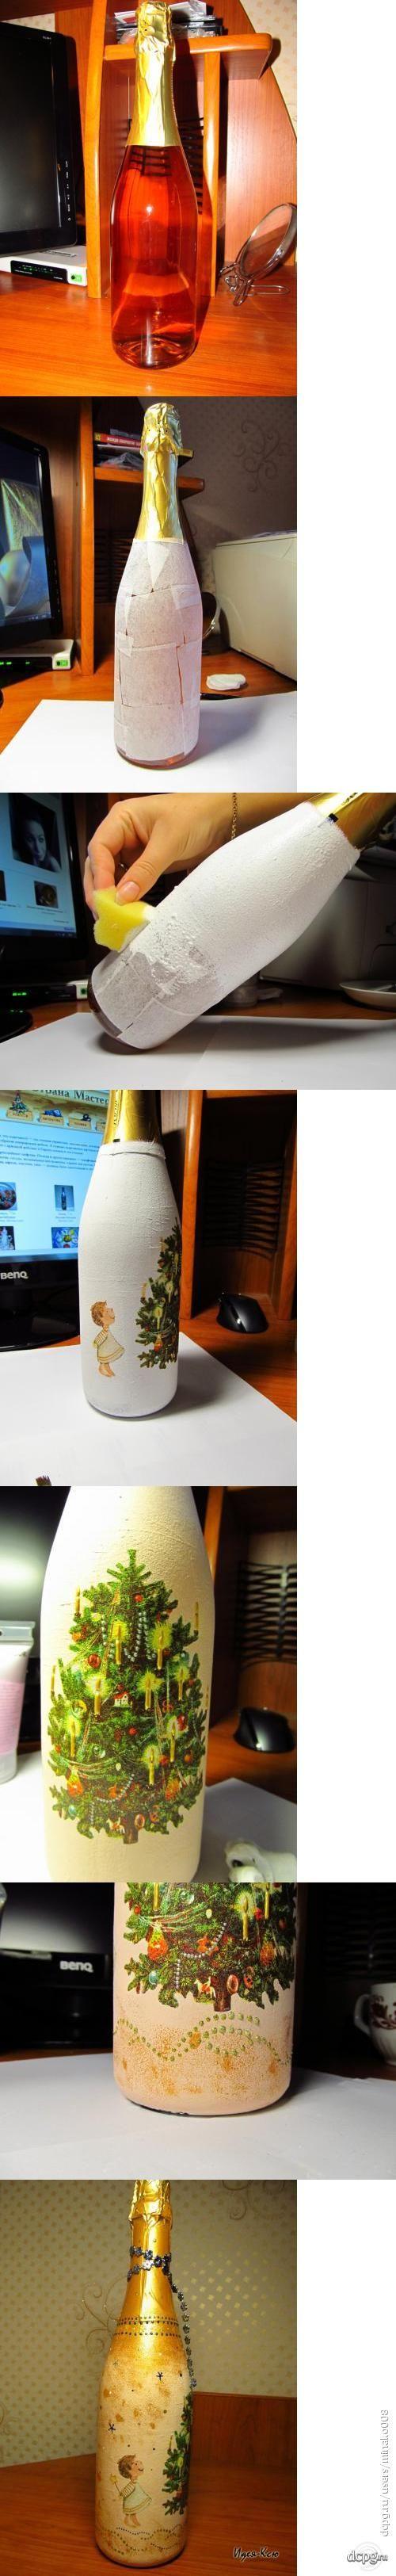 Декупаж - Сайт любителей декупажа - DCPG.RU | Шампанское на Новый год